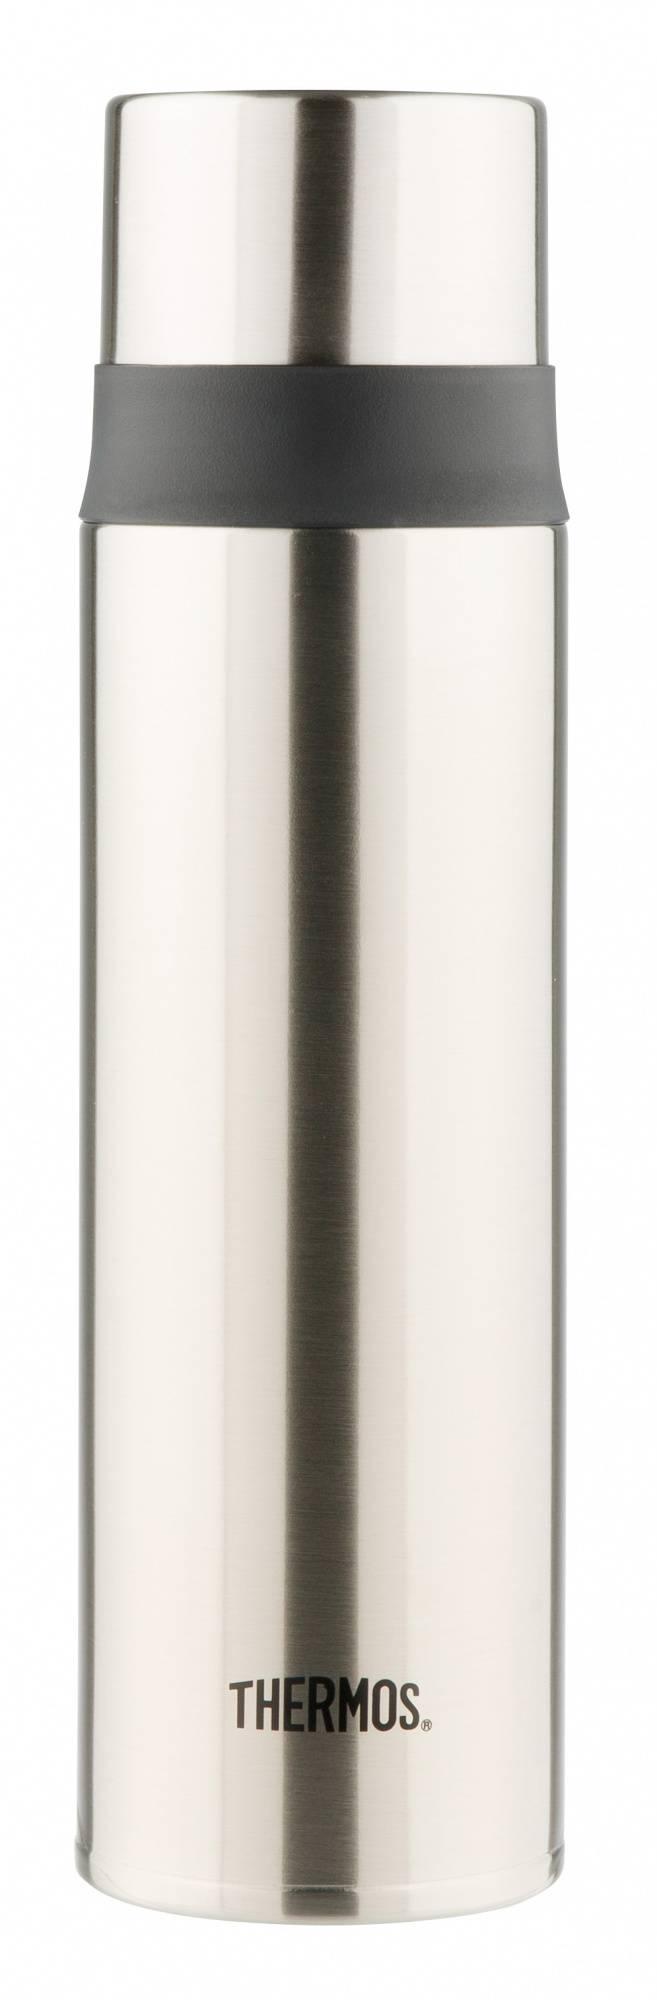 Термос Thermos FFM-500-SBK SS стальной - фото 1